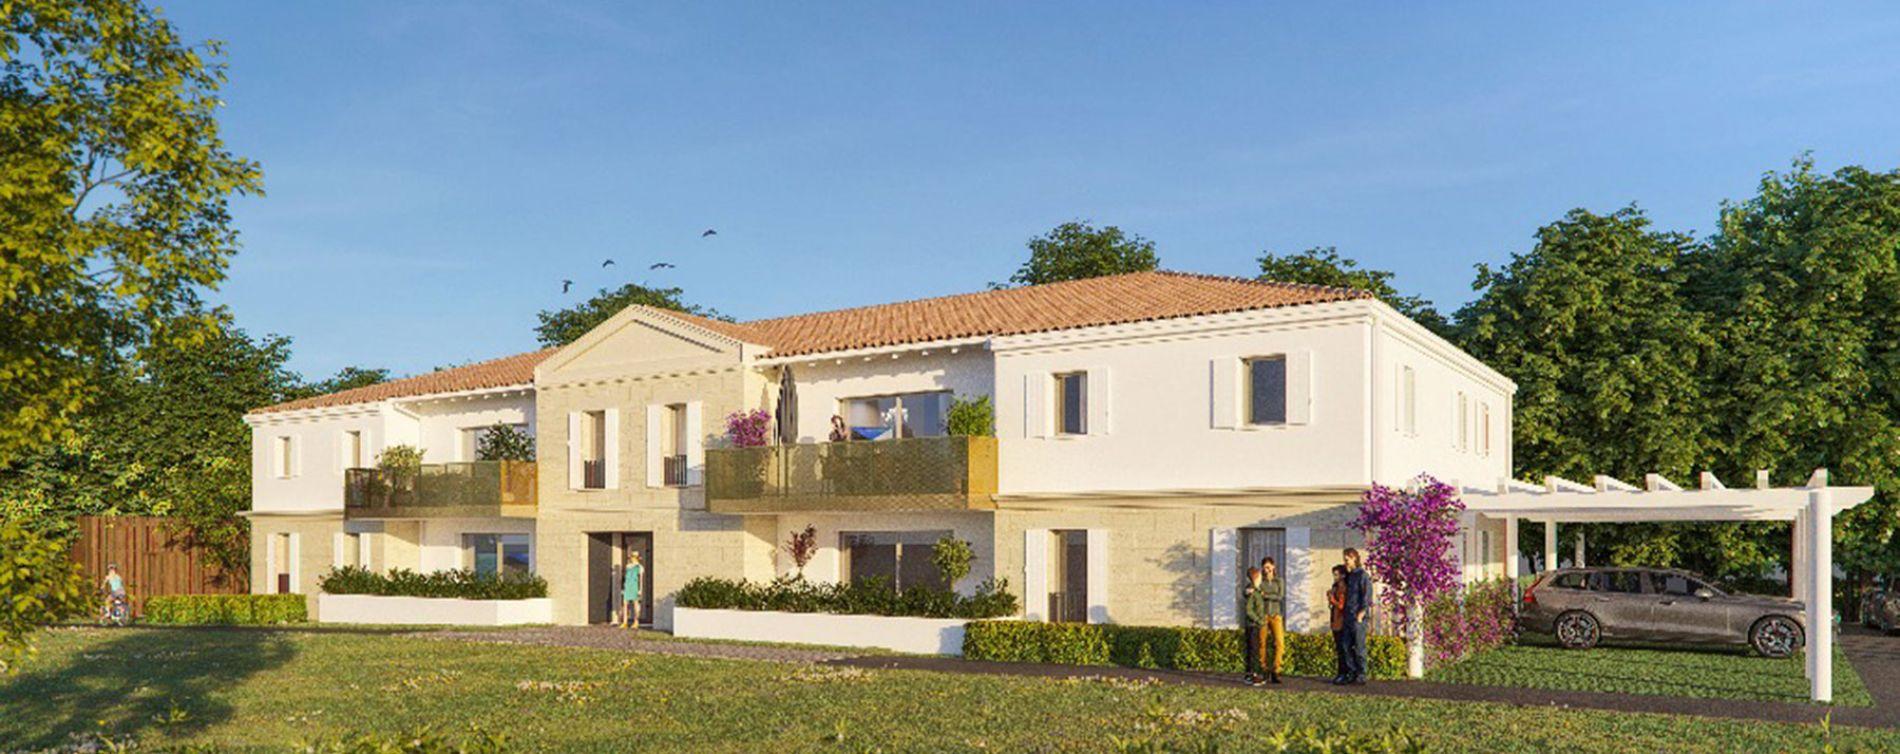 Bègles : programme immobilier neuve « Programme immobilier n°219239 » en Loi Pinel (2)